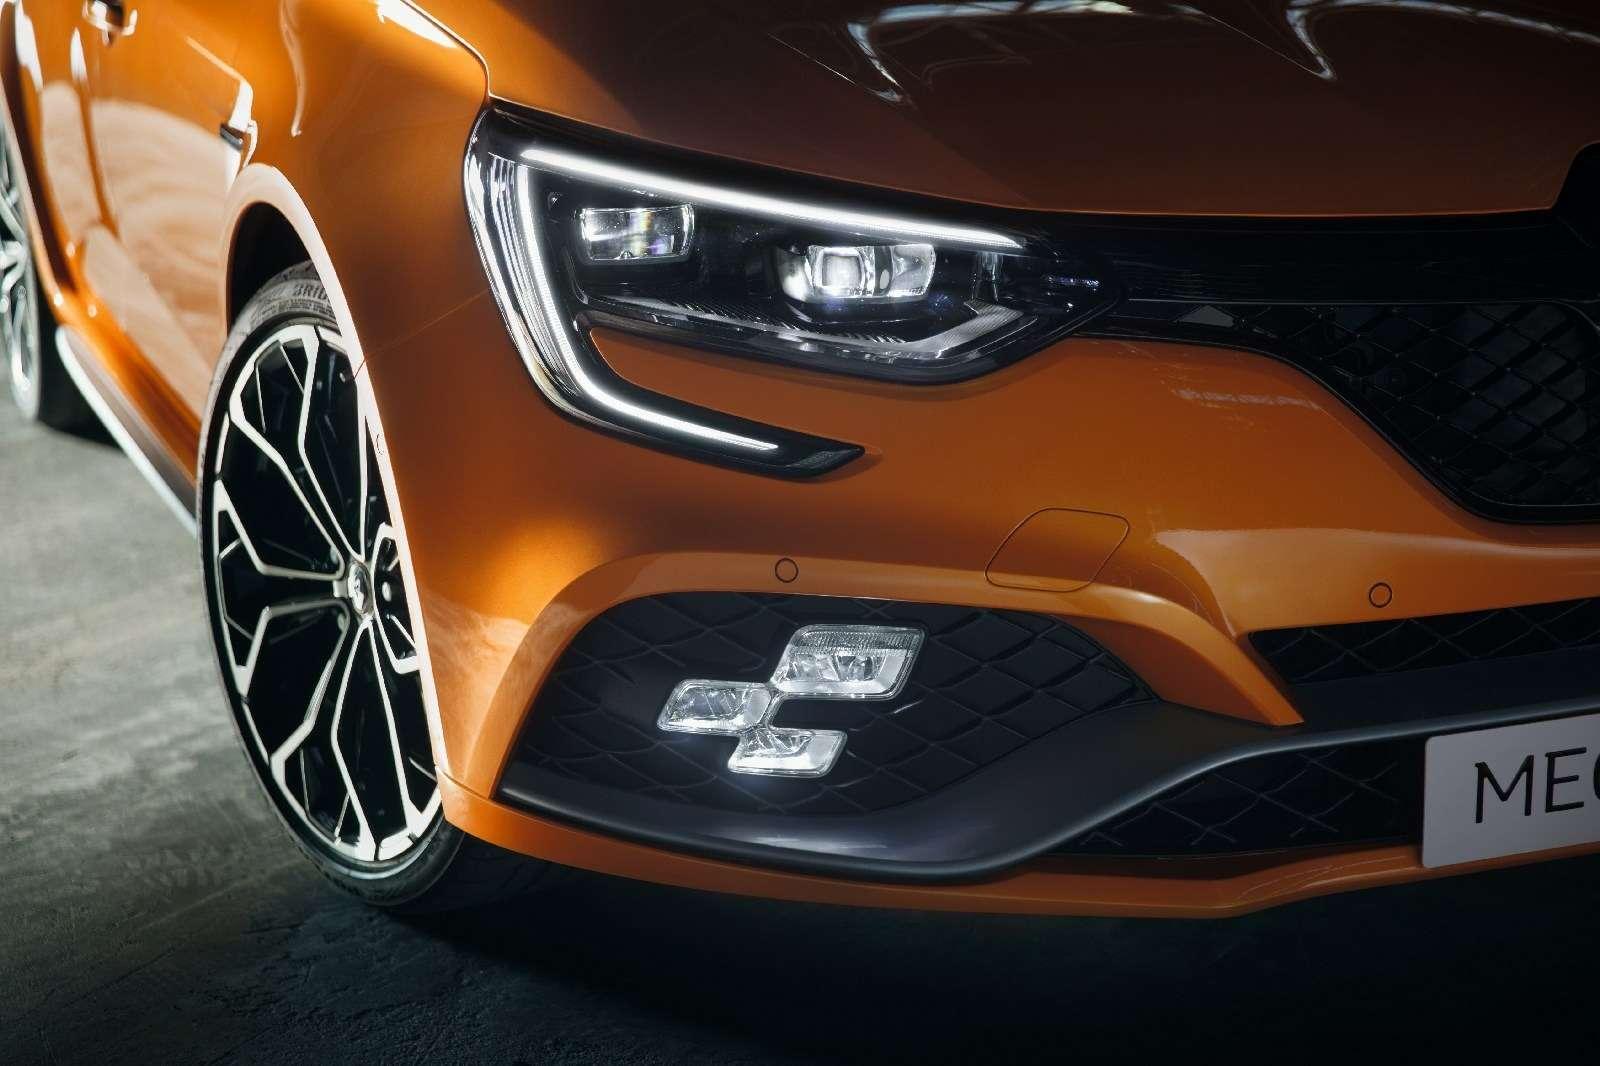 Renault Megane RS: хот-хэтч cдвигателем отспорткара— фото 793715